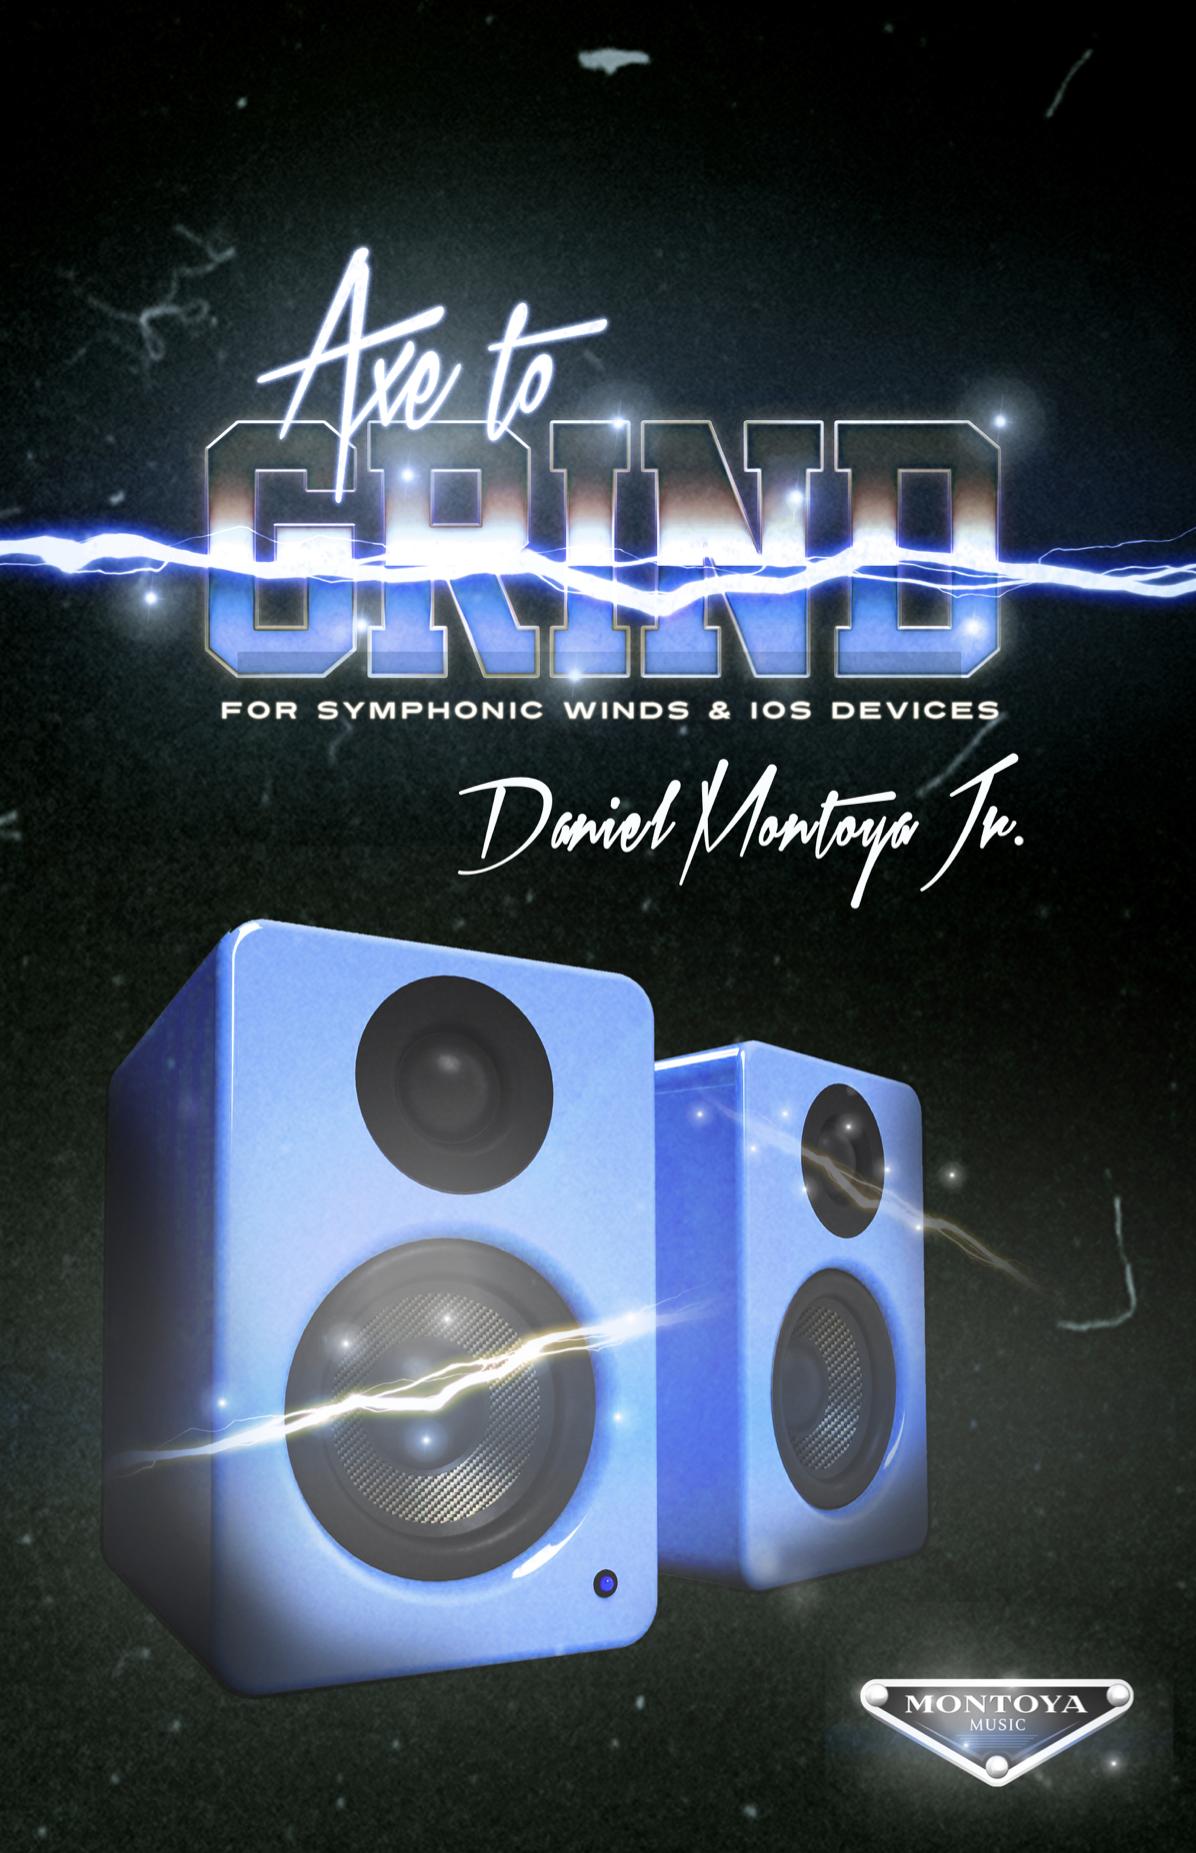 Axe To Grind by Daniel Montoya Jr.